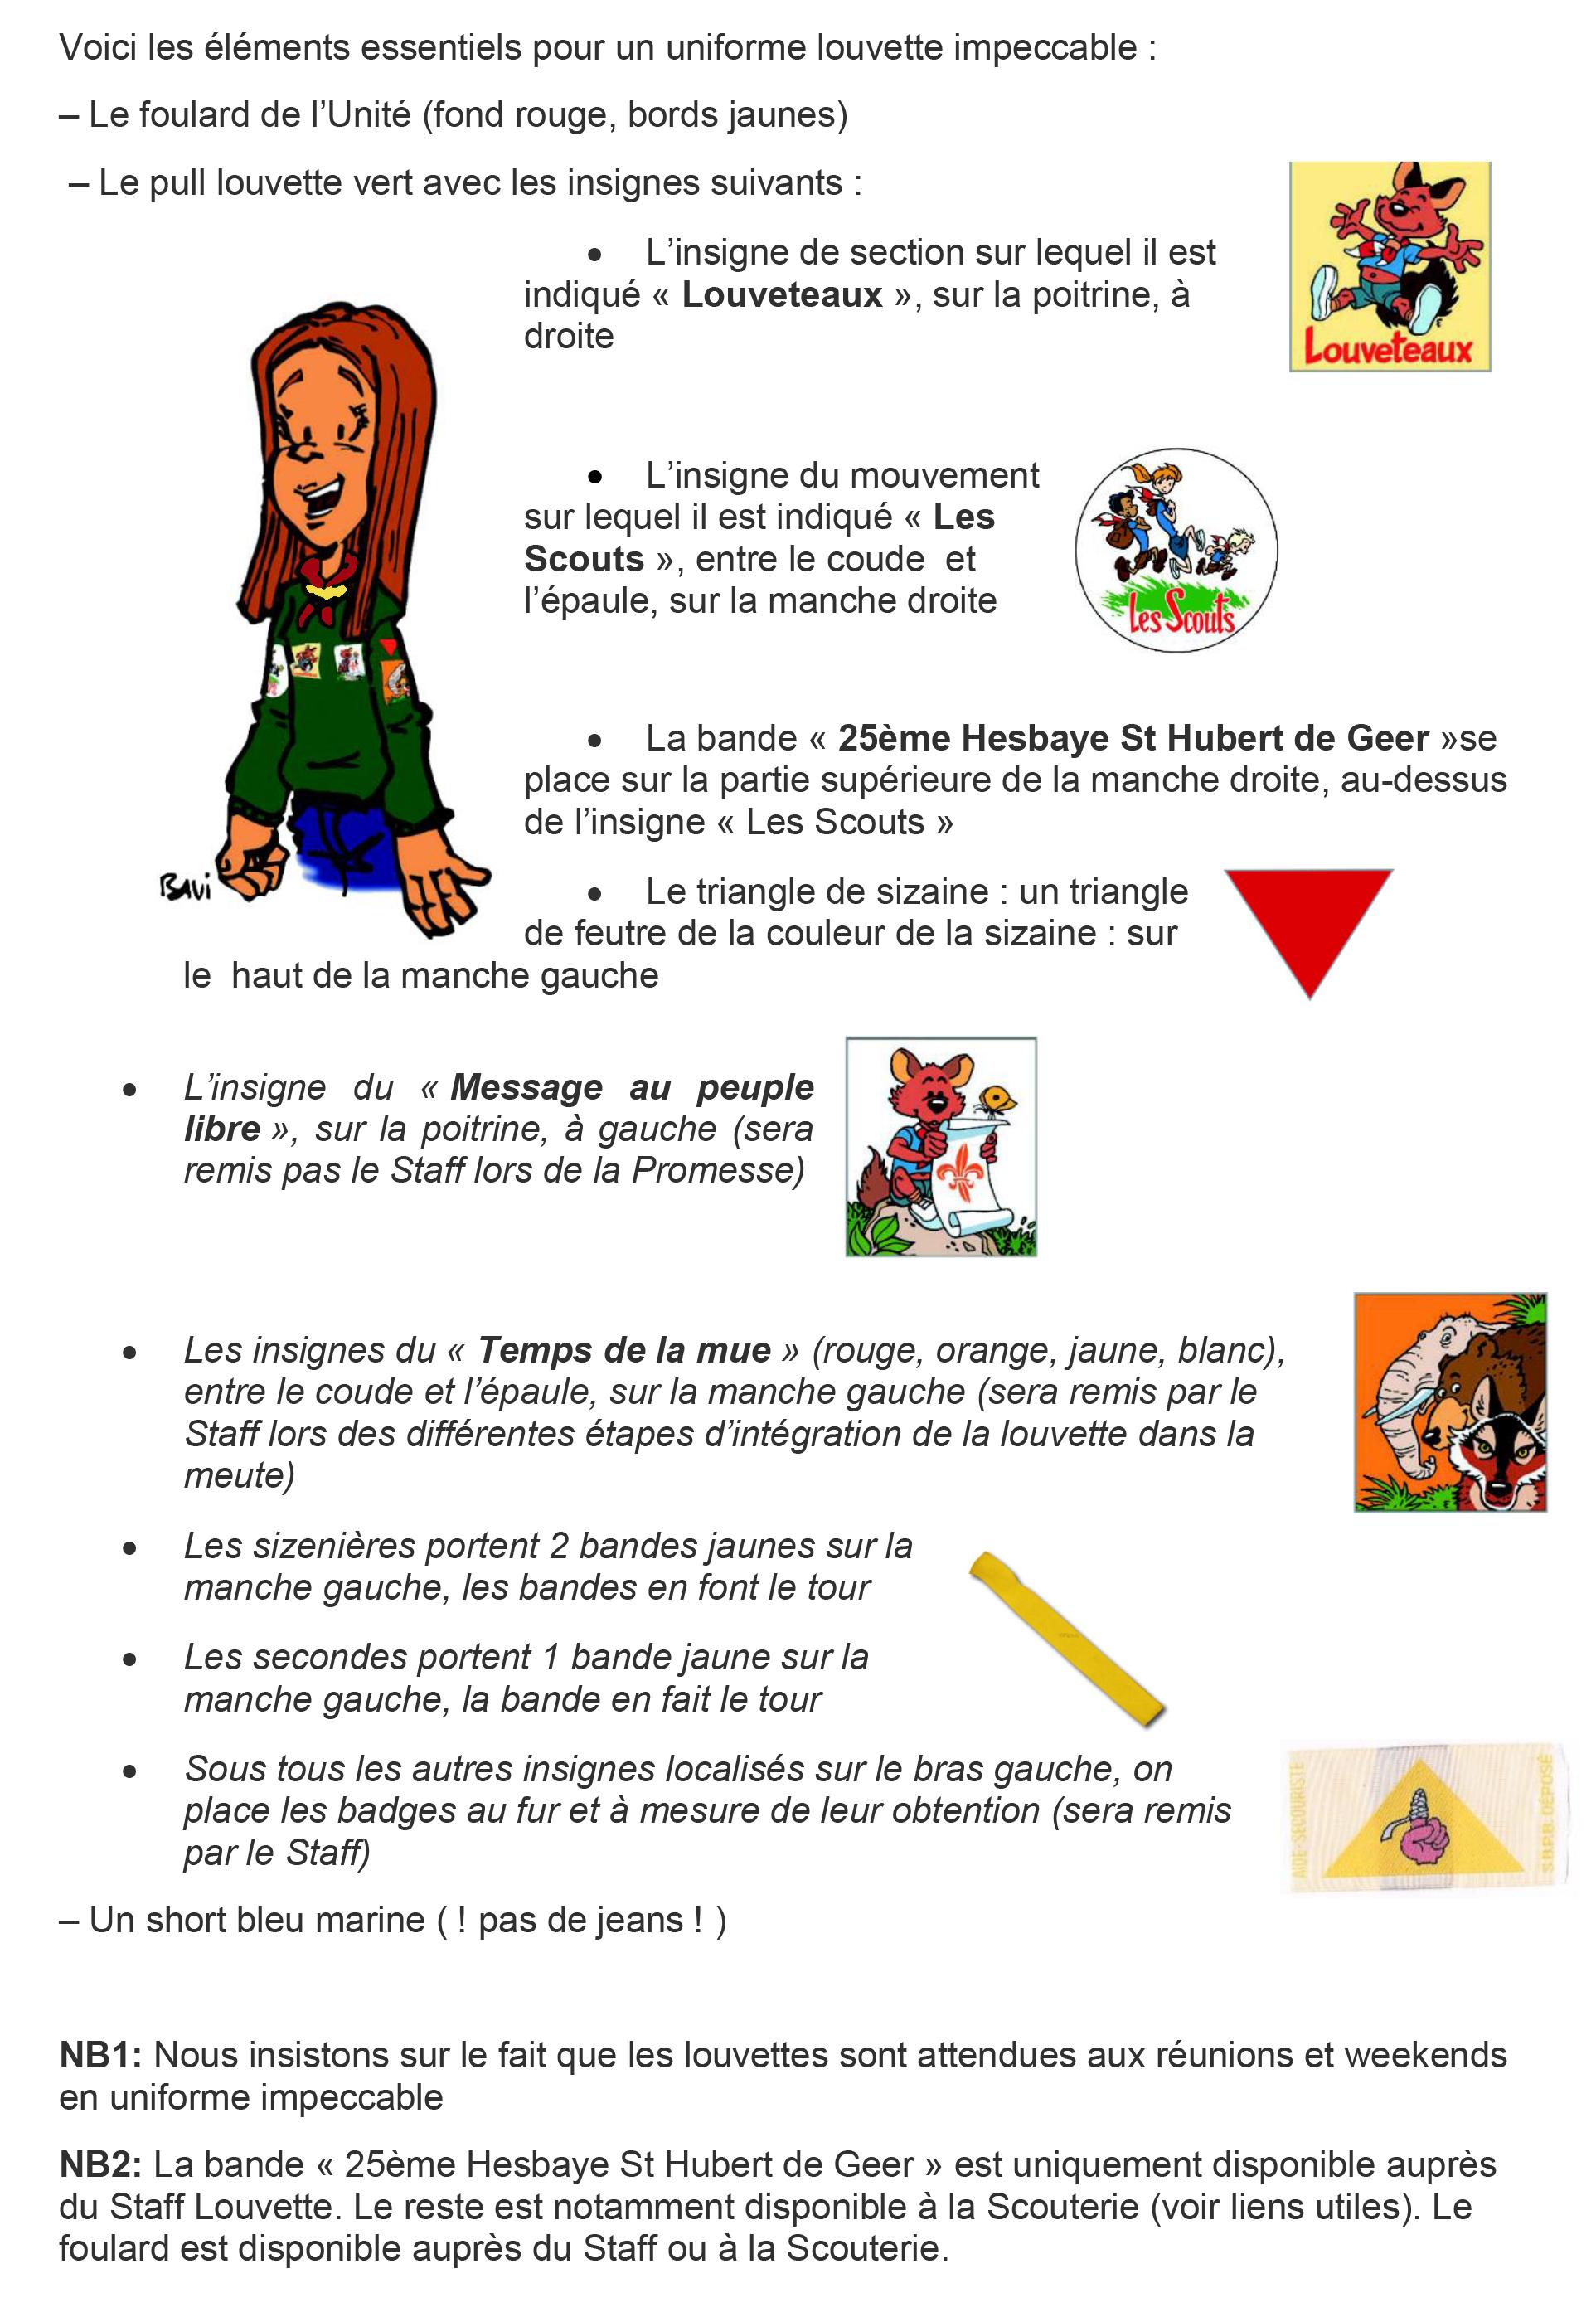 Uniforme et Insignes LOUVETTES